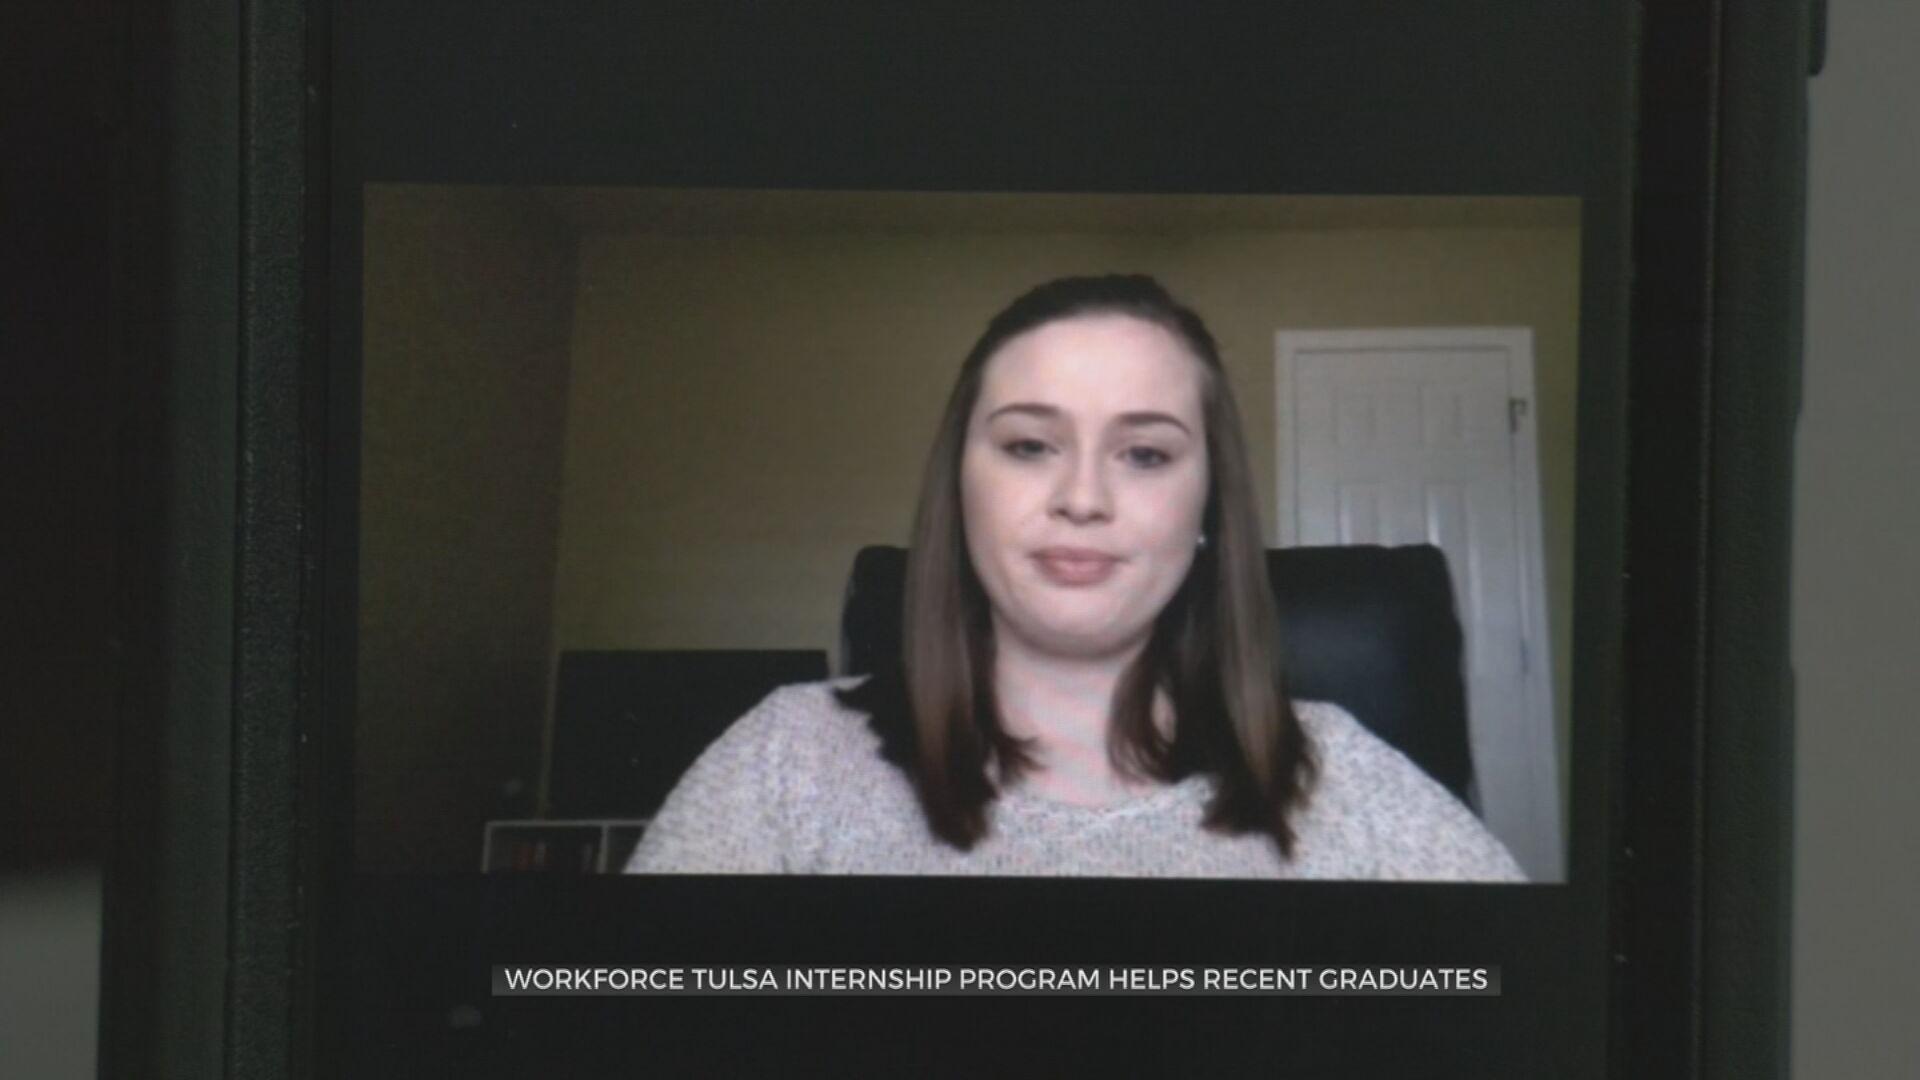 Workforce Tulsa Internship Program Helps Recent Graduates Find Jobs